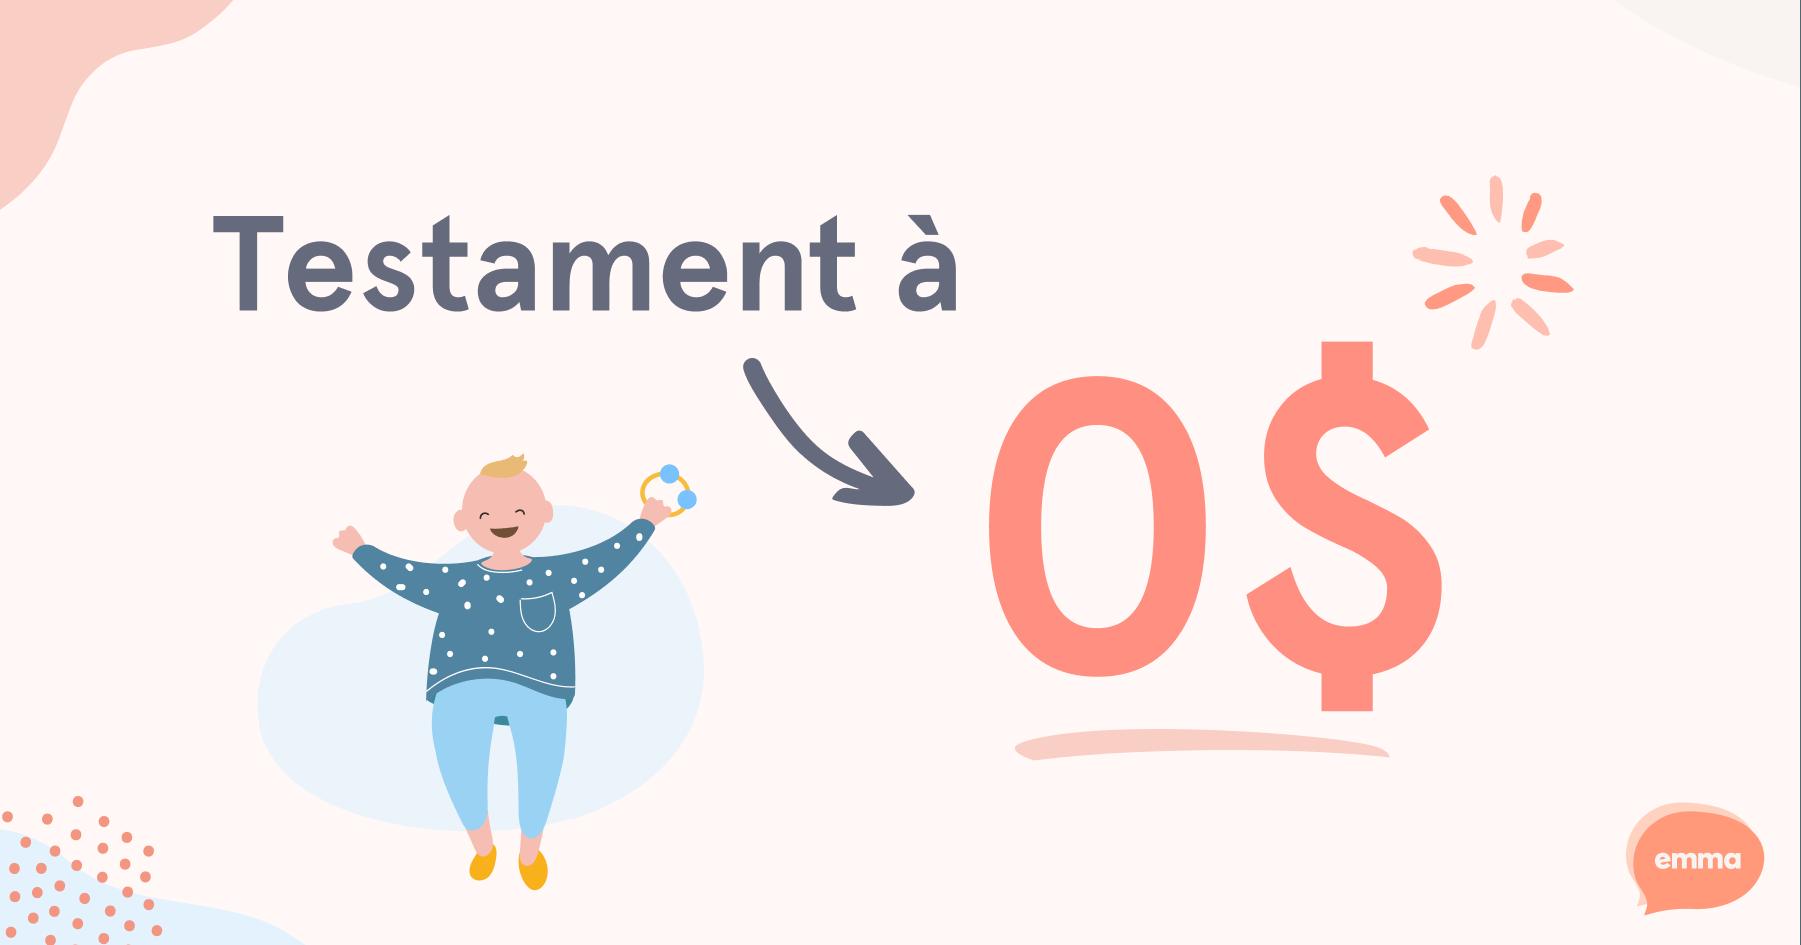 GoTestament �